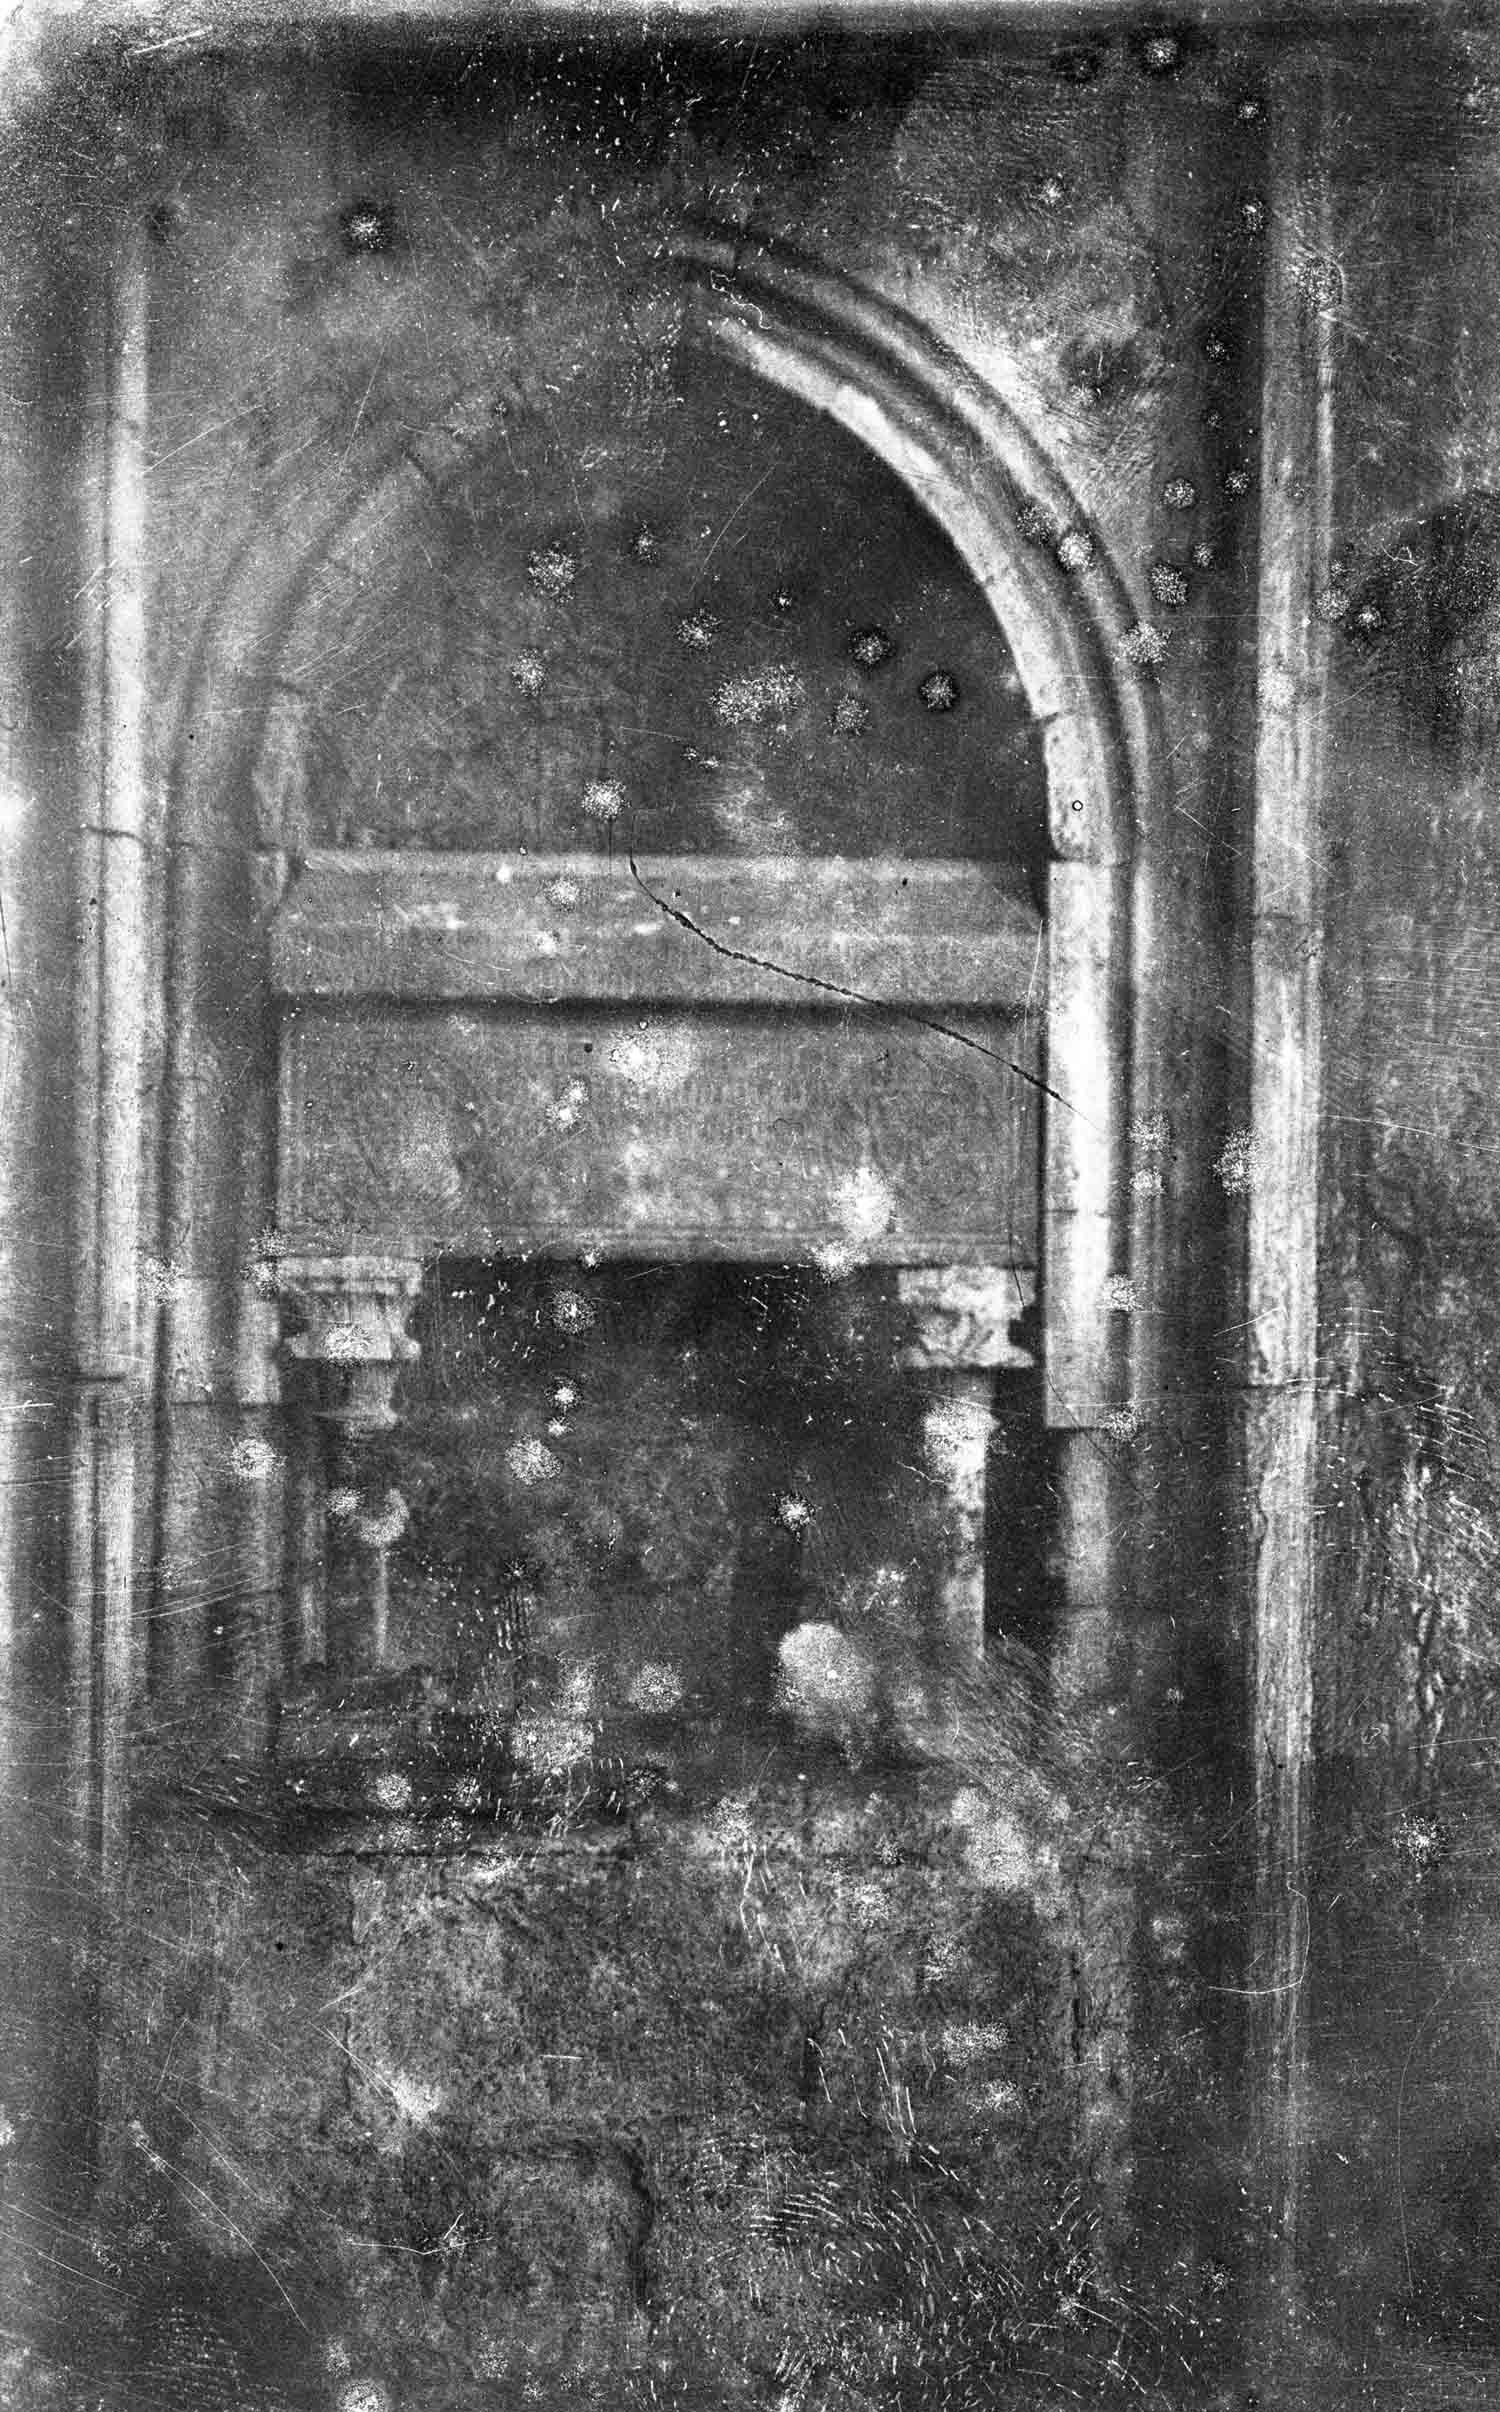 Vista frontal d'una tomba de la basílica de Santa Maria, a Castelló d'Empúries, entre els anys 1942 i 1944 (ACGAX. Fons Sadurní Brunet Pi. Autor Sadurní Brunet)